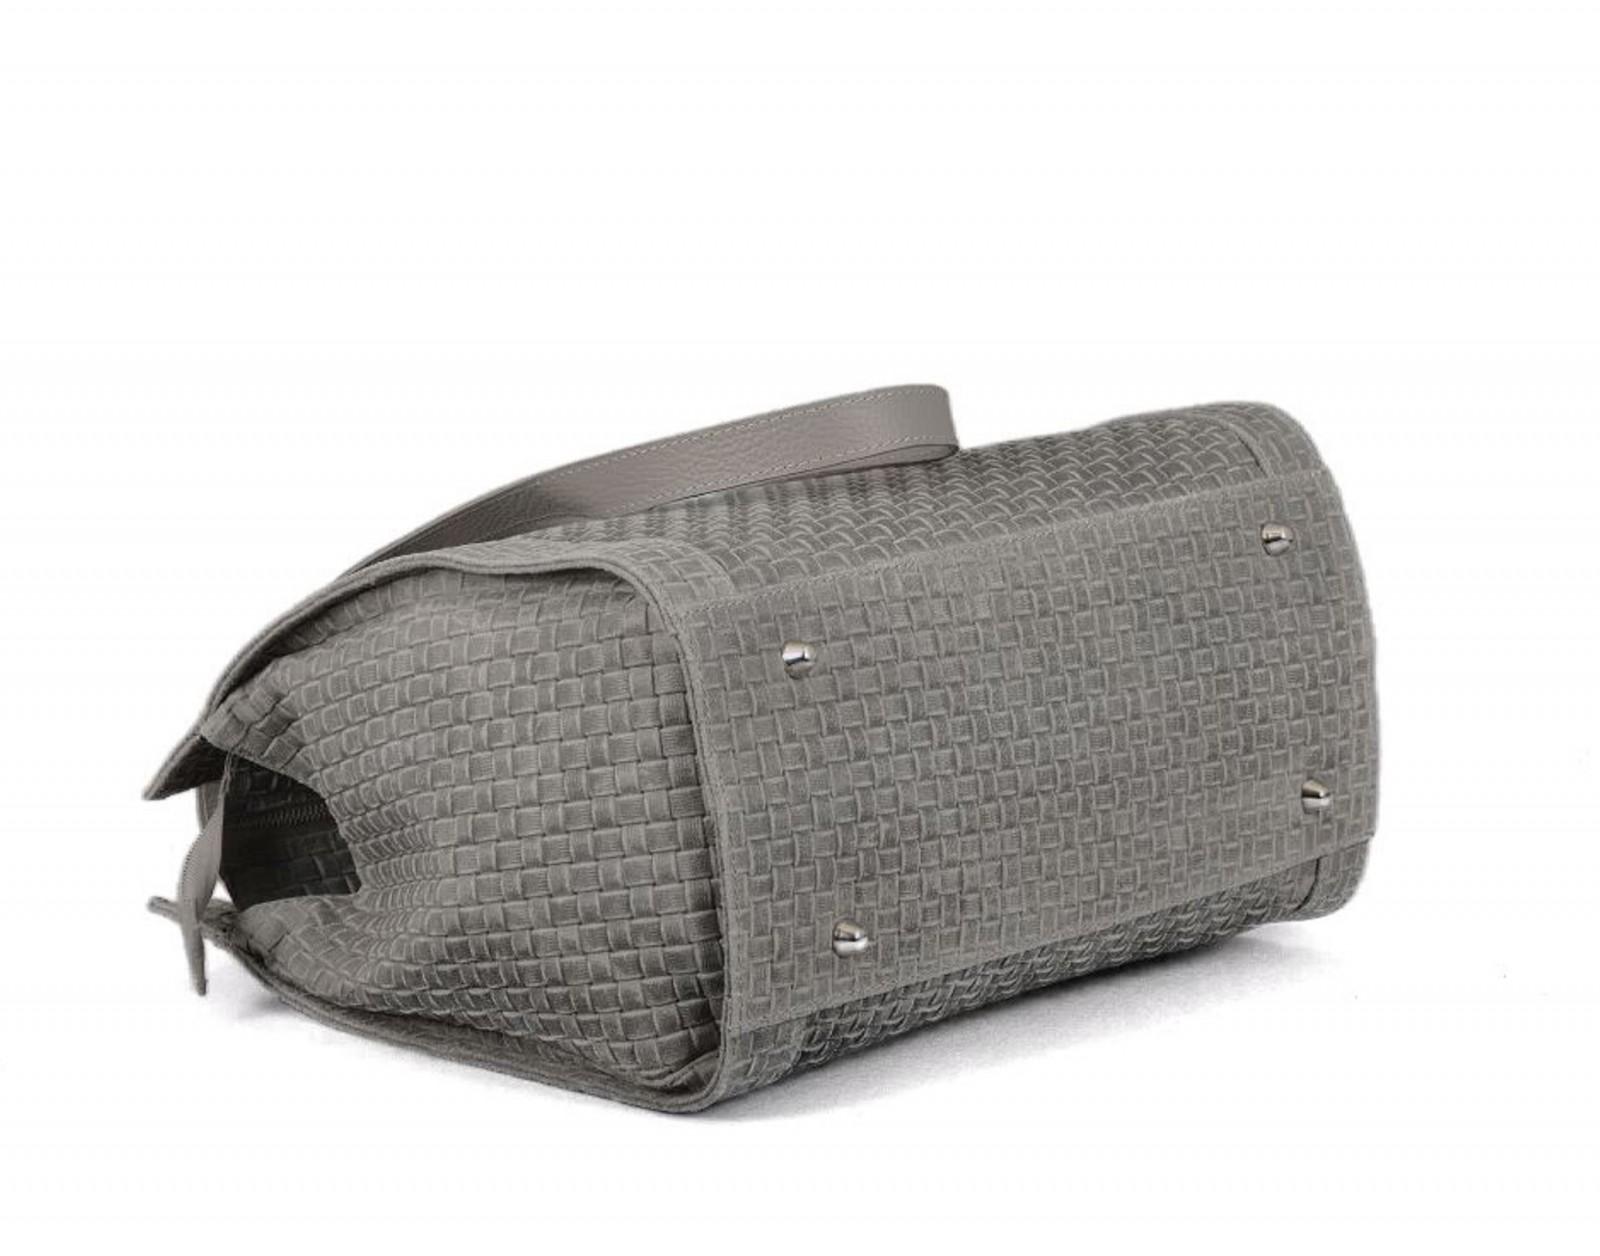 ce19f9e864380 Made in Italy Schultertasche Damentasche Bag Ledertasche Vintage geflochten  Grau – Bild 4